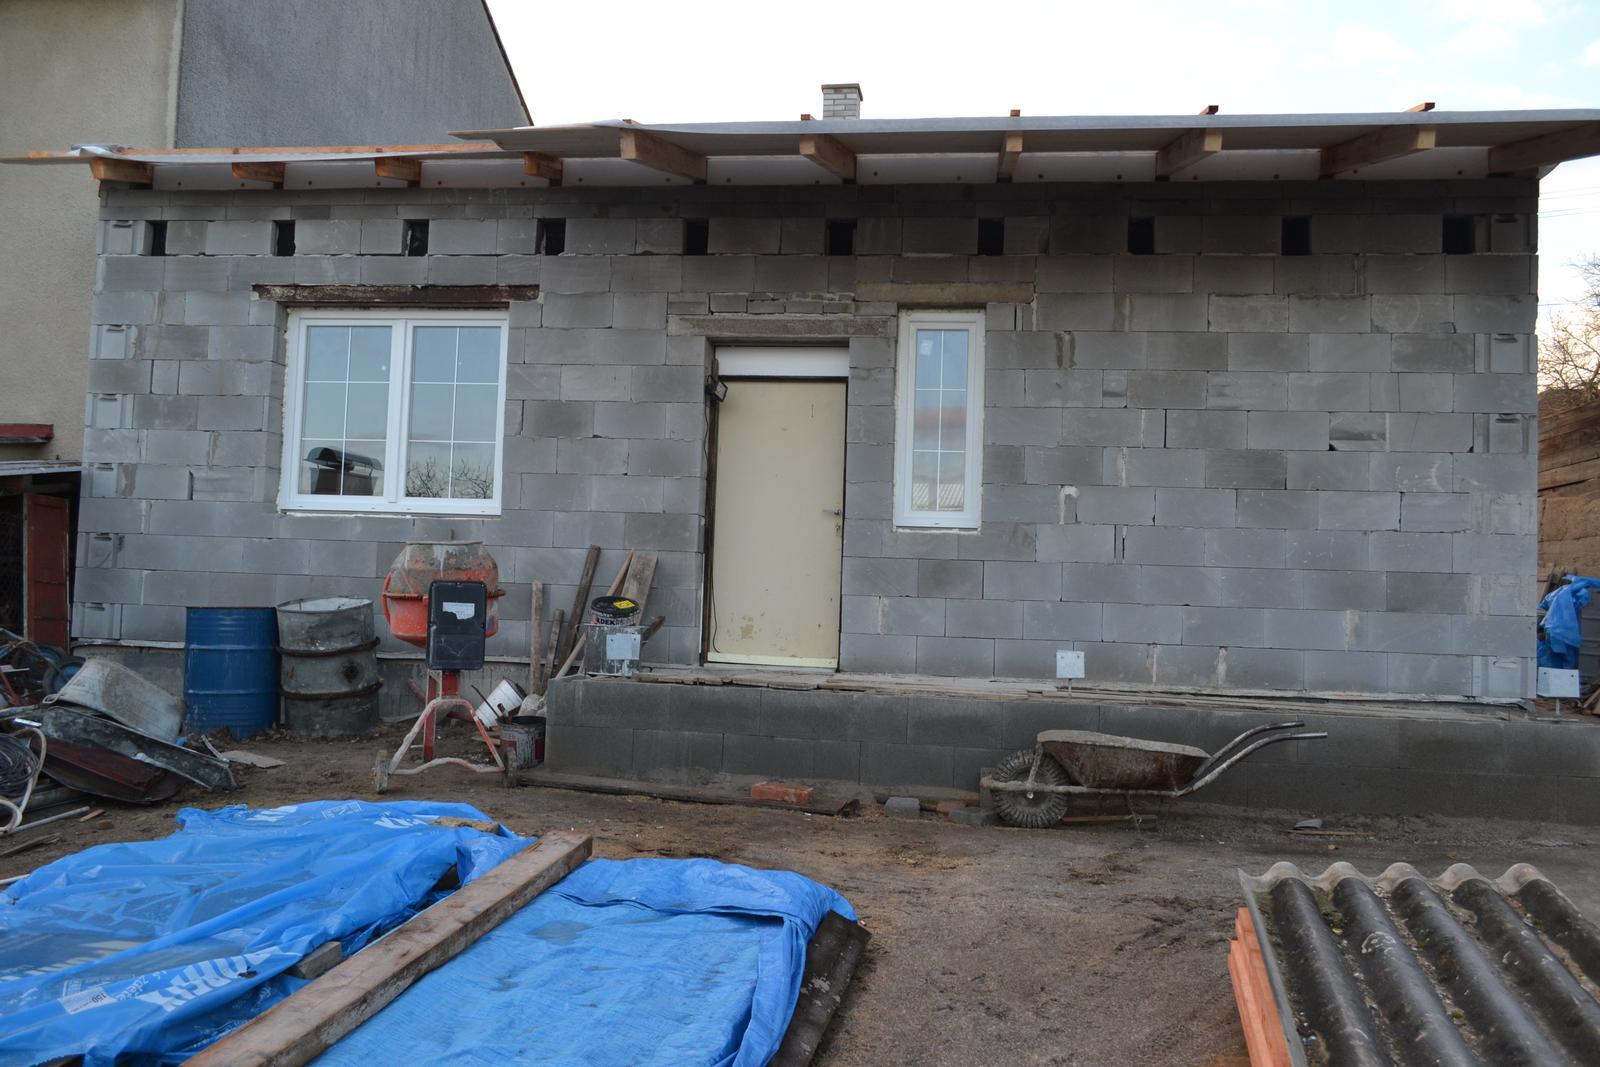 Domeček rekonstruujeme pro rodiče - pohled ze zahrady - dveře jsou zatím provizorní, nové dáme až bude stavba ukončena